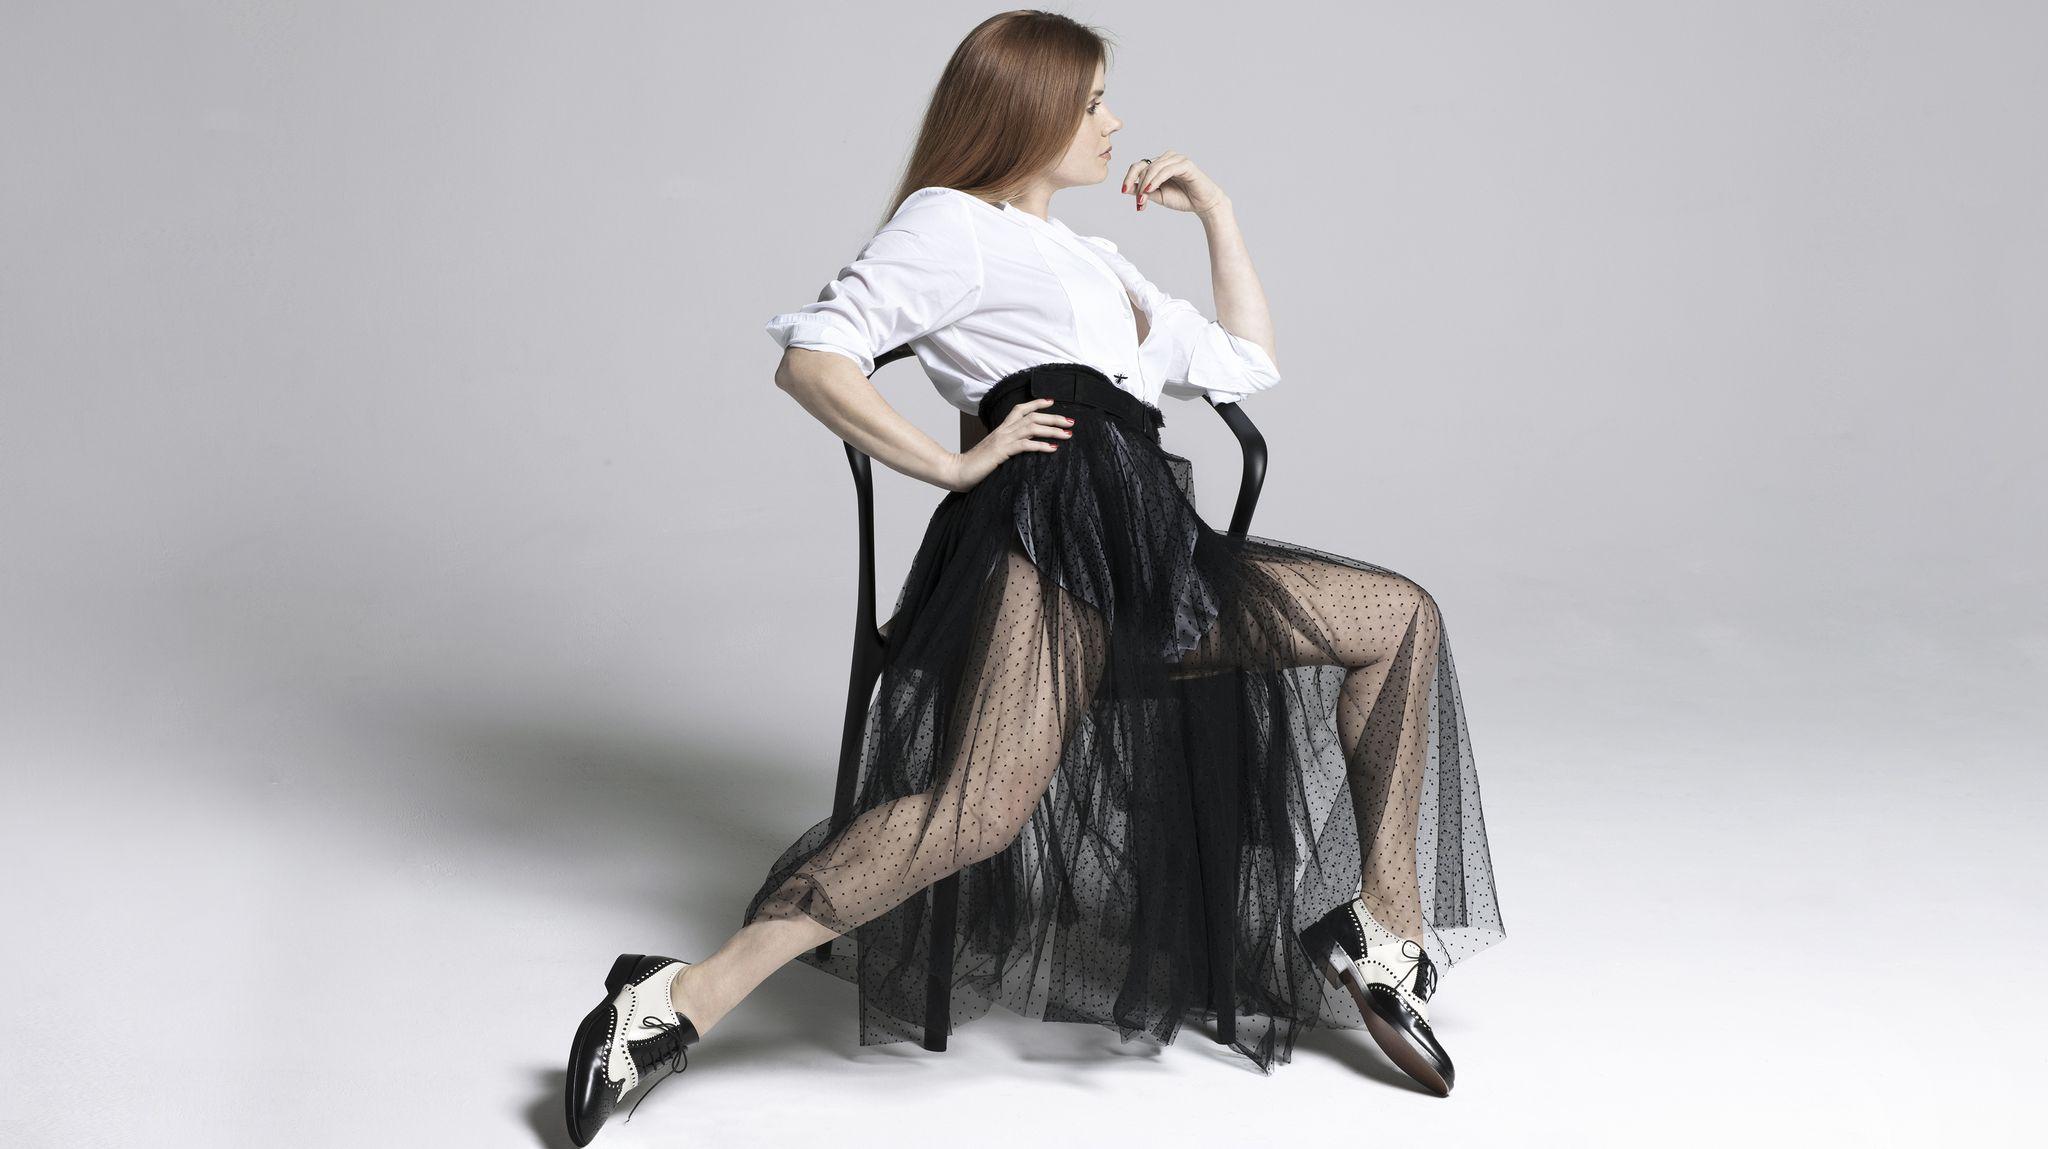 Amy Adams Explores Her Dark Side